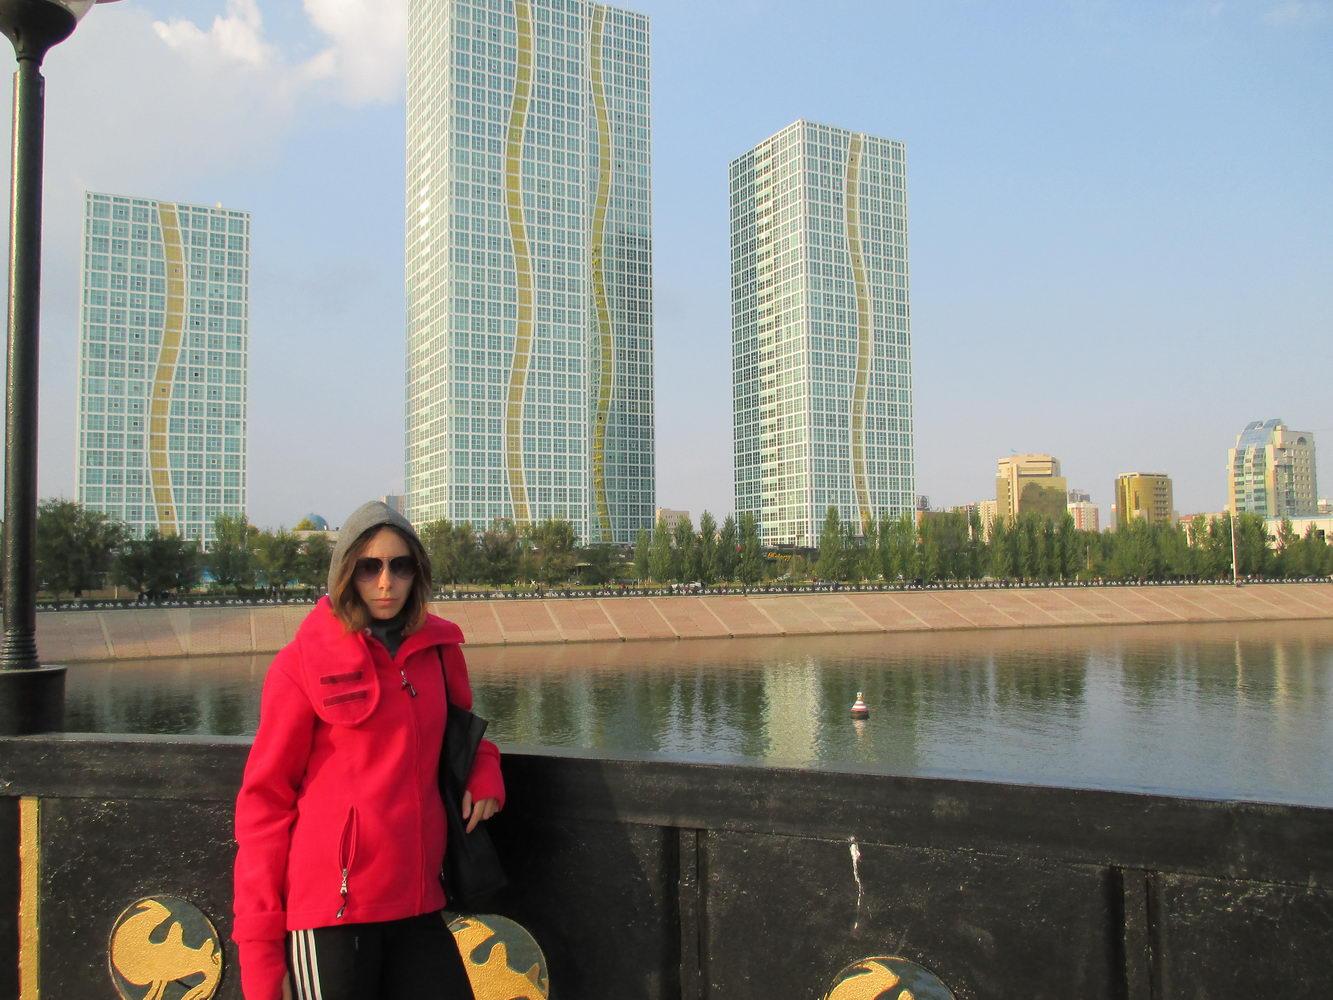 мост и красивые здания. астана. путешествие автостопом в казахстан